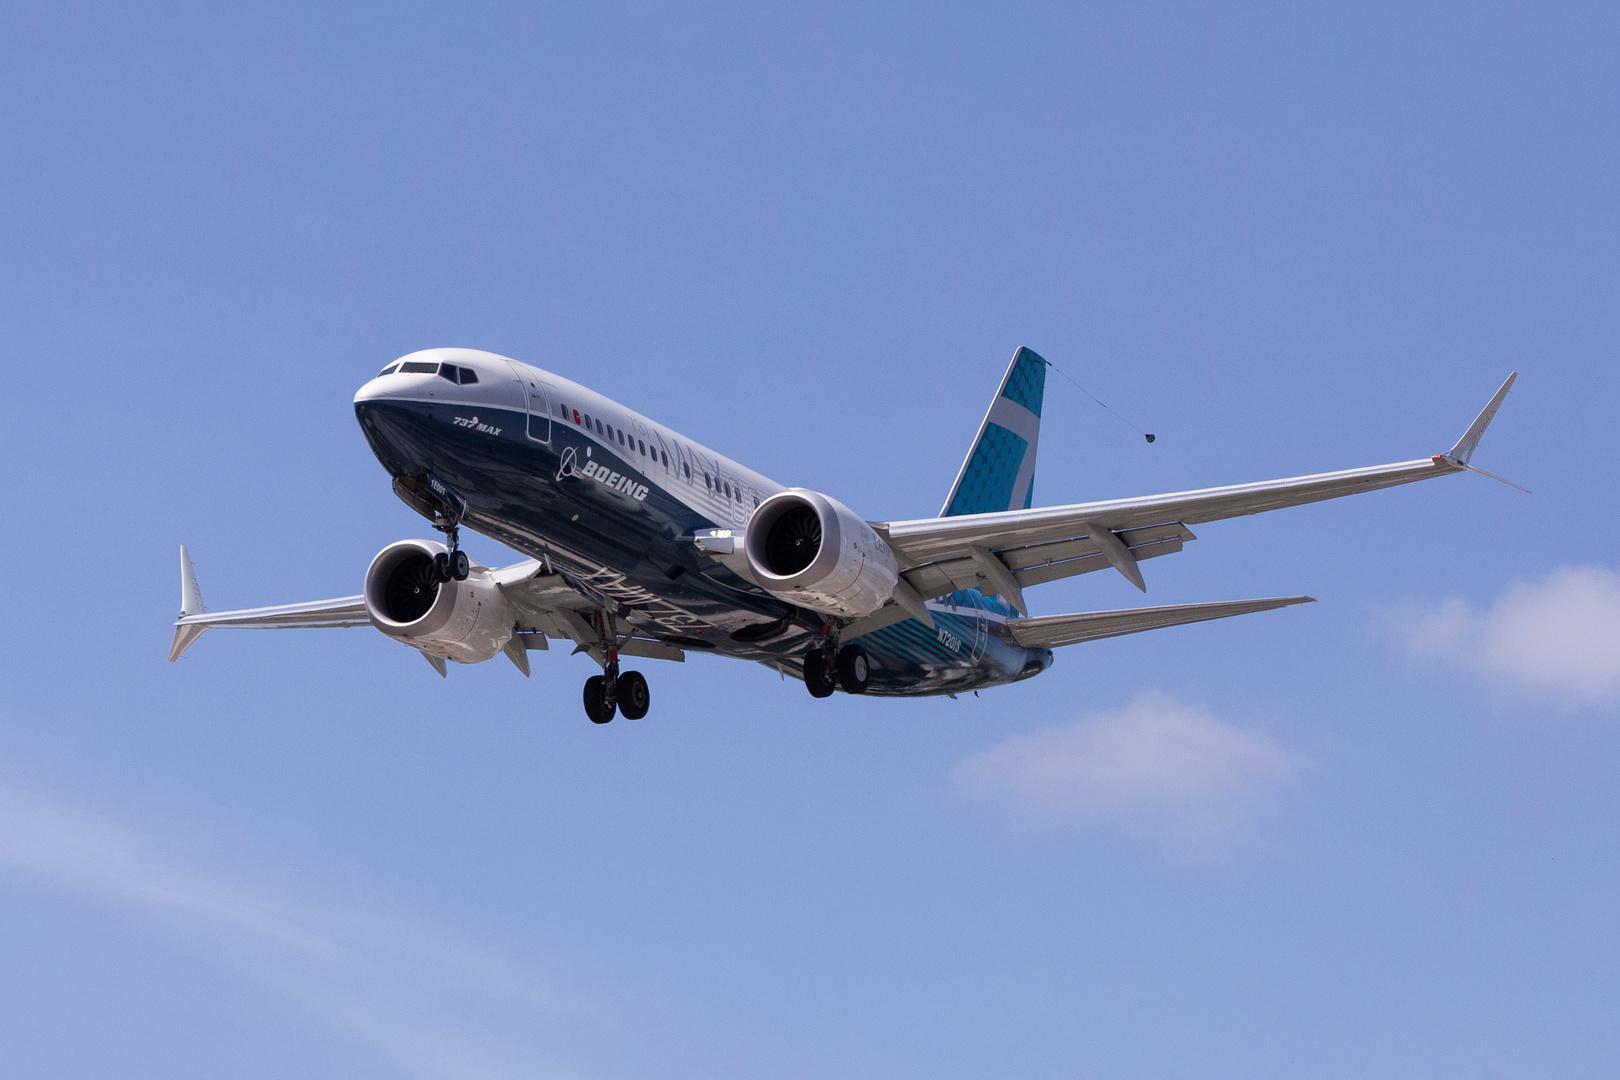 هيئة الطيران المدني بالإمارات ملتزمة بإعادة